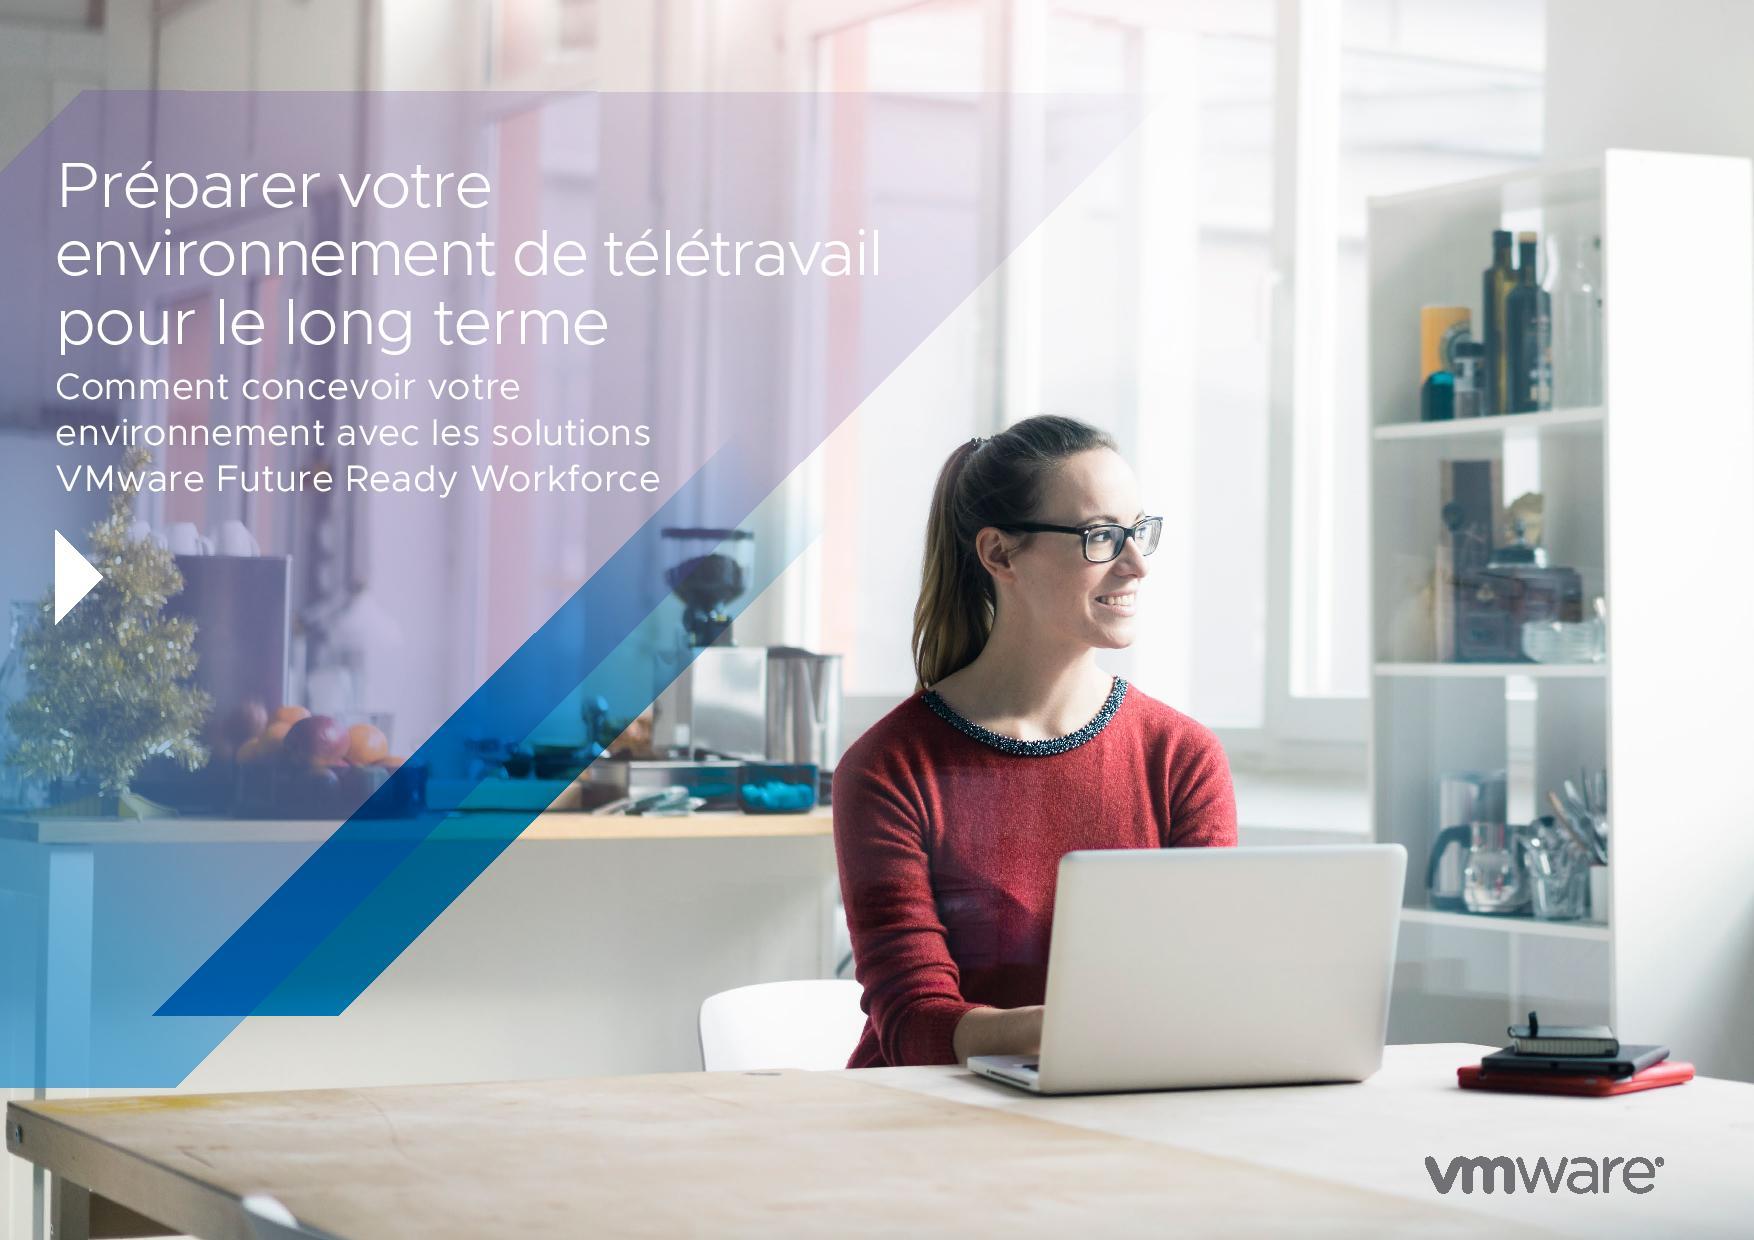 Préparer votre environnement de télétravail pour le long terme : Comment concevoir votre environnement avec les solutions VMwareFutureReadyWorkforce